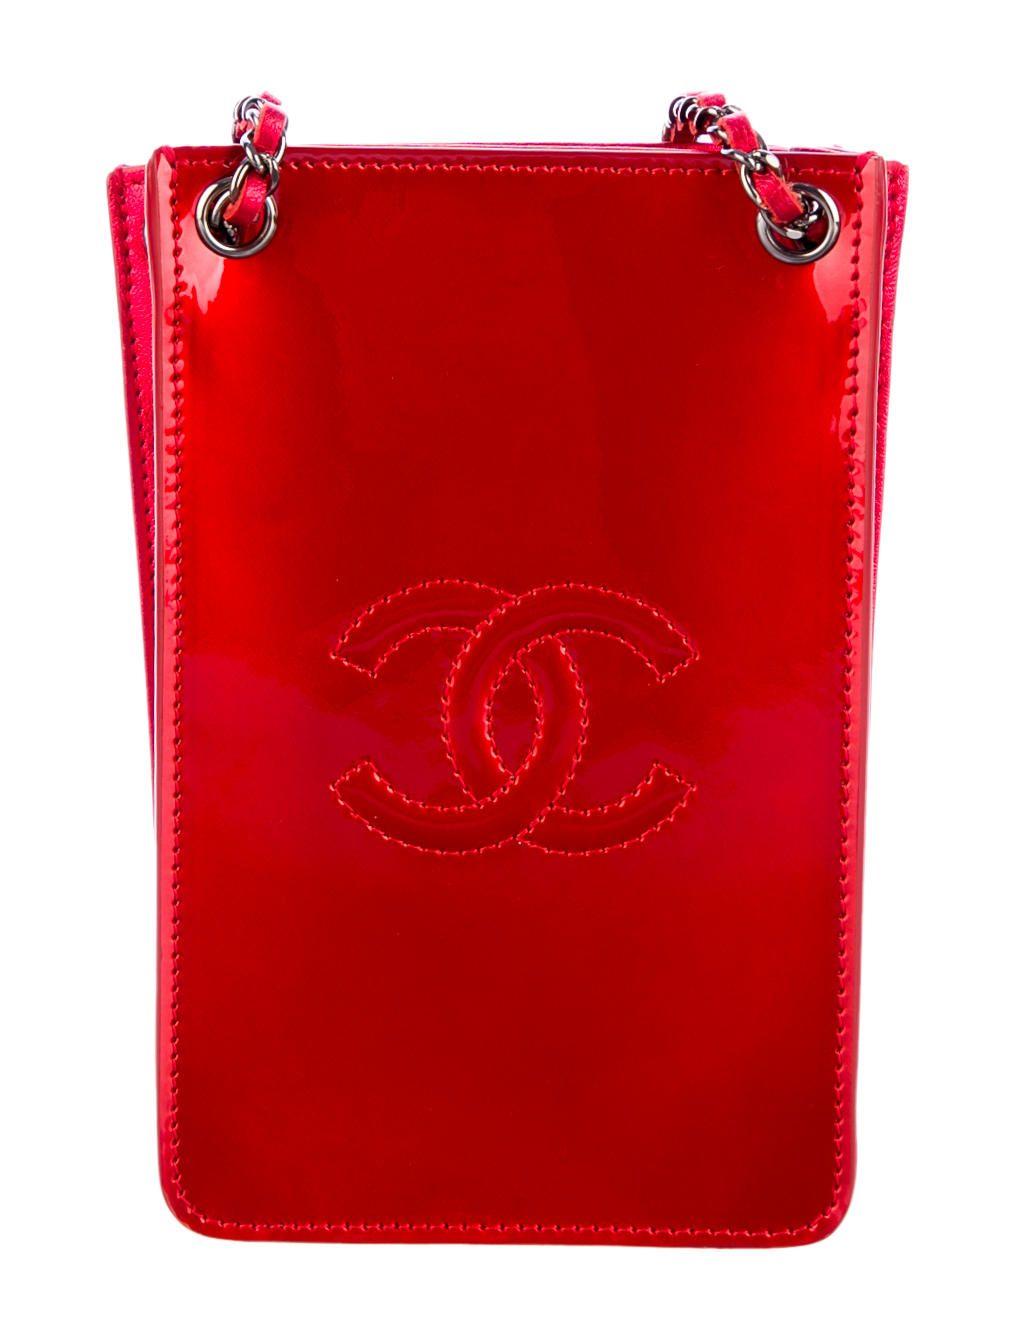 Chanel crossbody phone holder chanel crossbody red